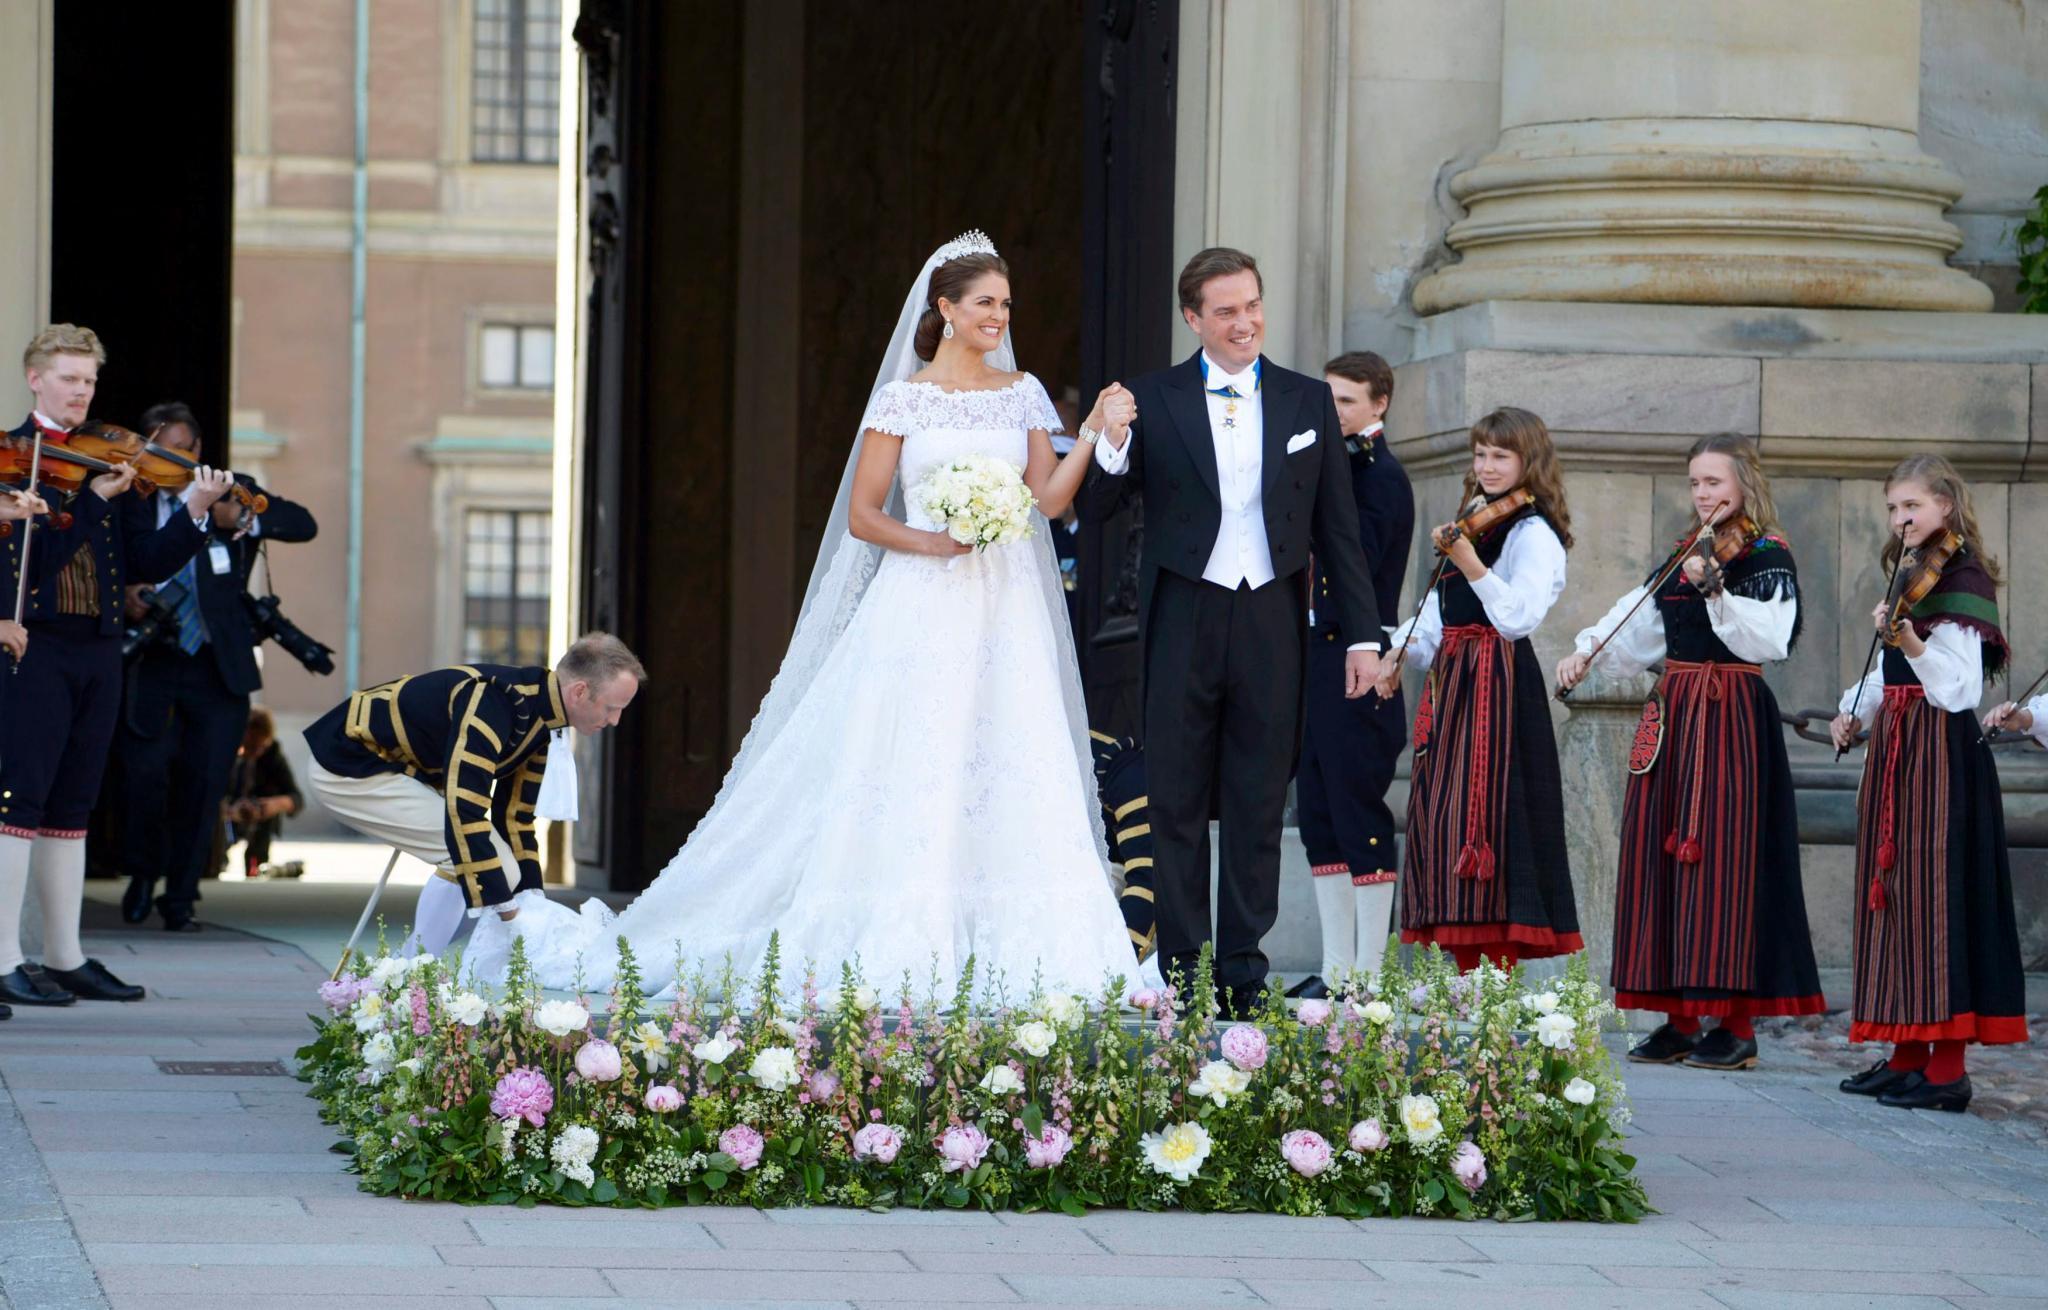 Ein bisschen Tradition, ein bisschen eigener Stil: Prinzessin Madeleine und Chris O'Neill setzten eigene Akzente.